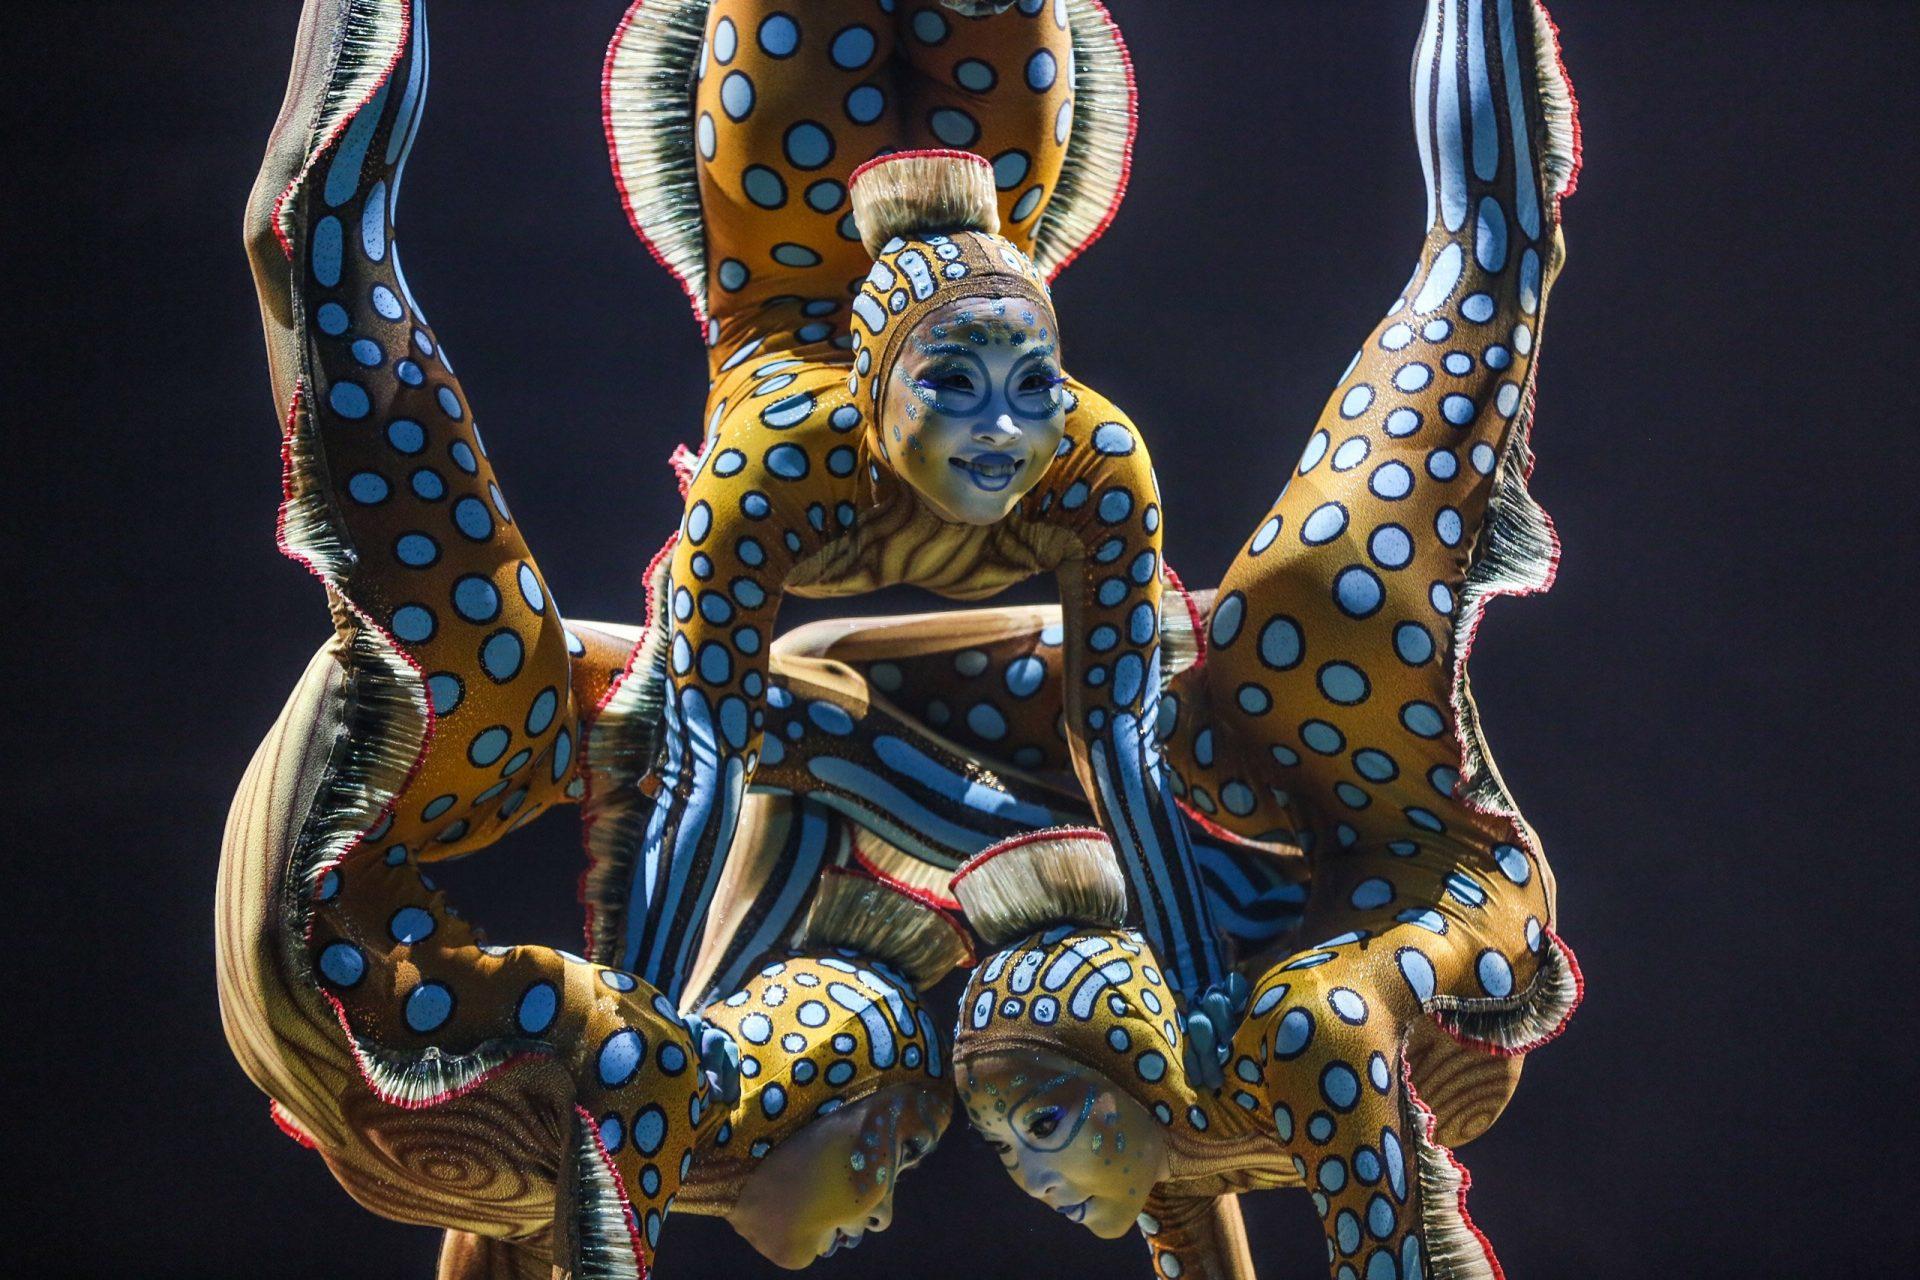 Foto de un grupo de acróbatas del Circo del Sol haciendo una acrobacia.